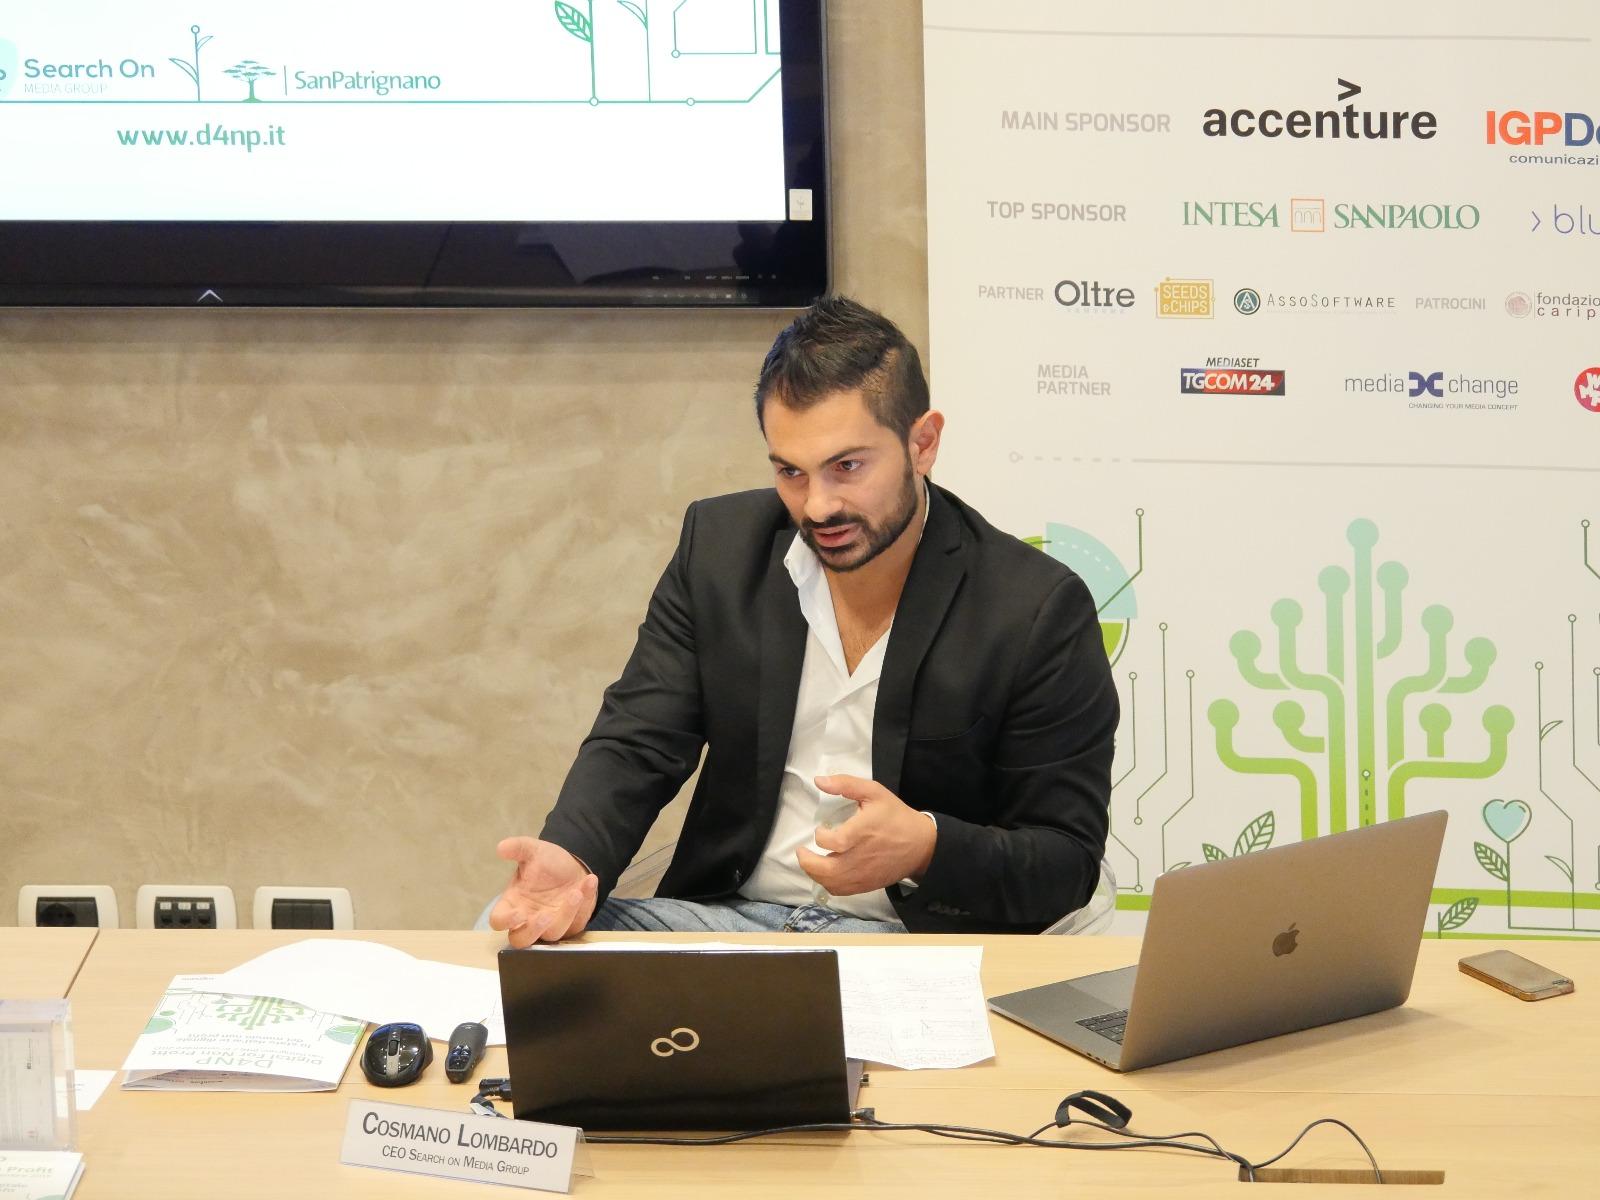 Cosmano Lombardo FounderCEO Search On Media Group e Ideatore D4NP - D4NP - Digital For Non Profit: appuntamento il 16 settembre per fare il punto sullo stato del digitale nel mondo non profit